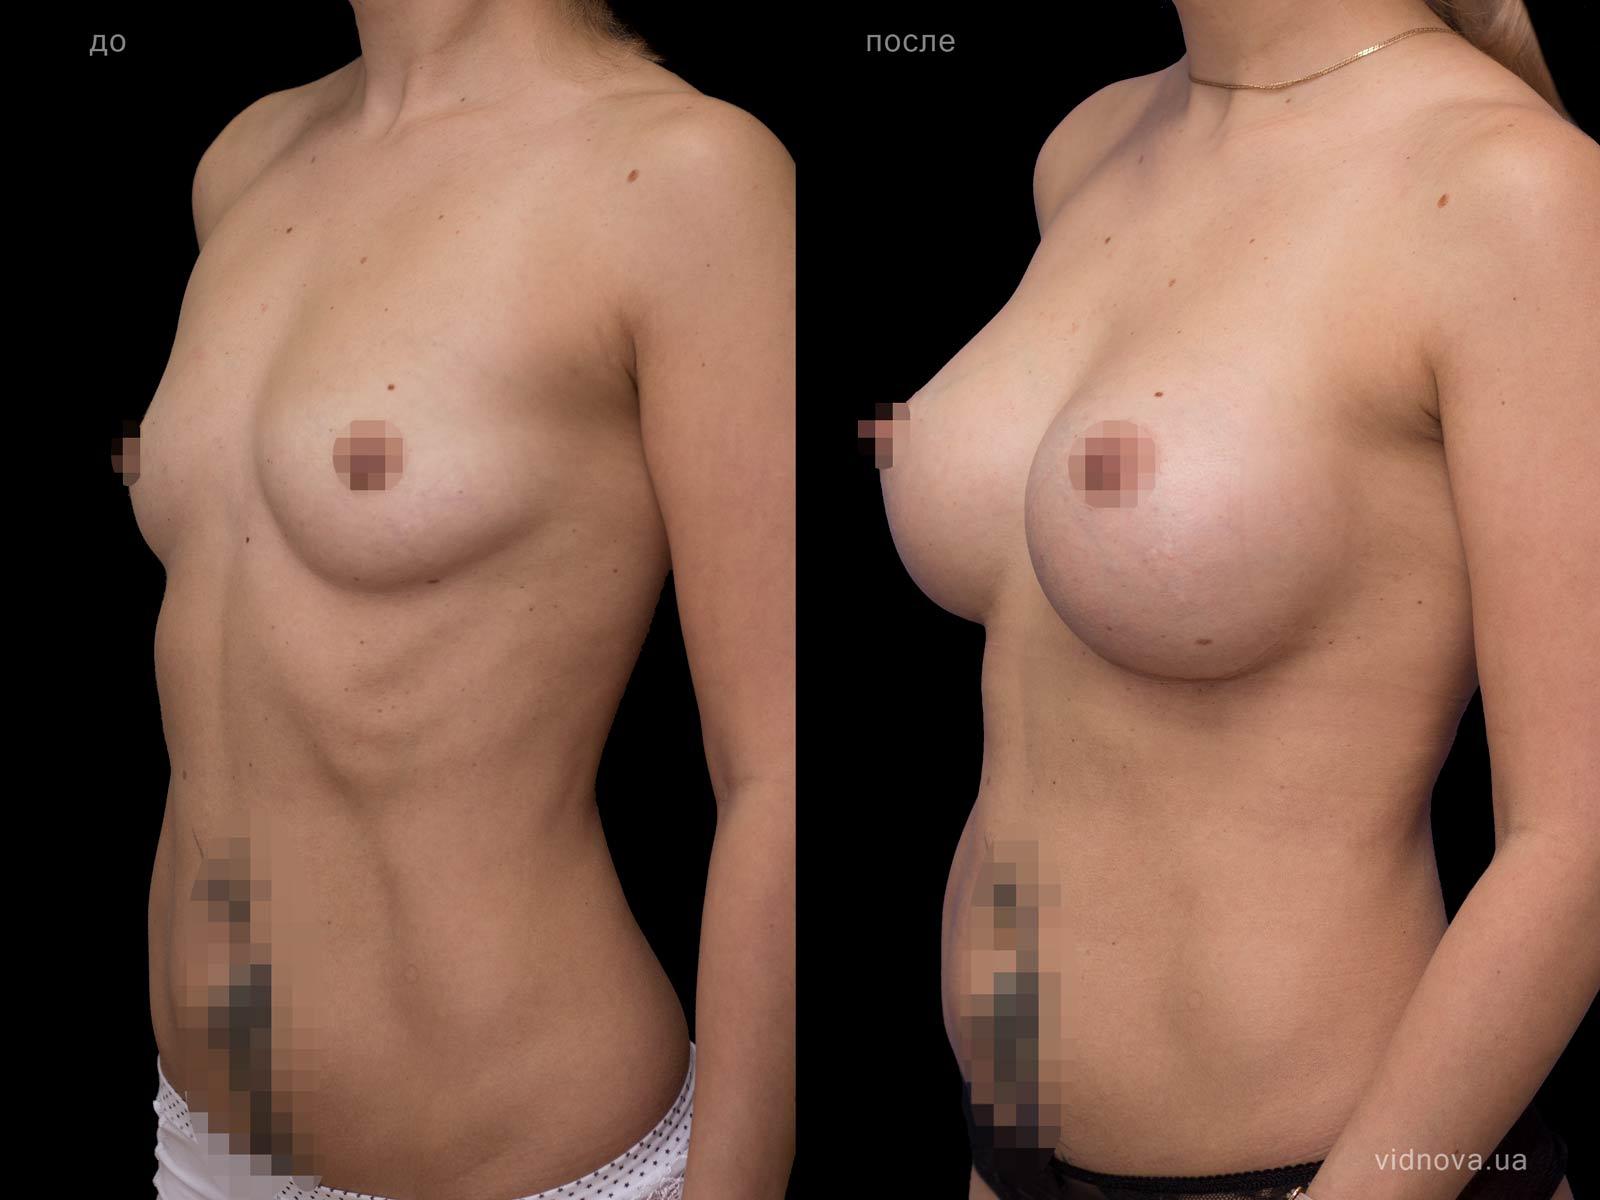 Пластика груди: результаты до и после - Пример №66-1 - Светлана Работенко